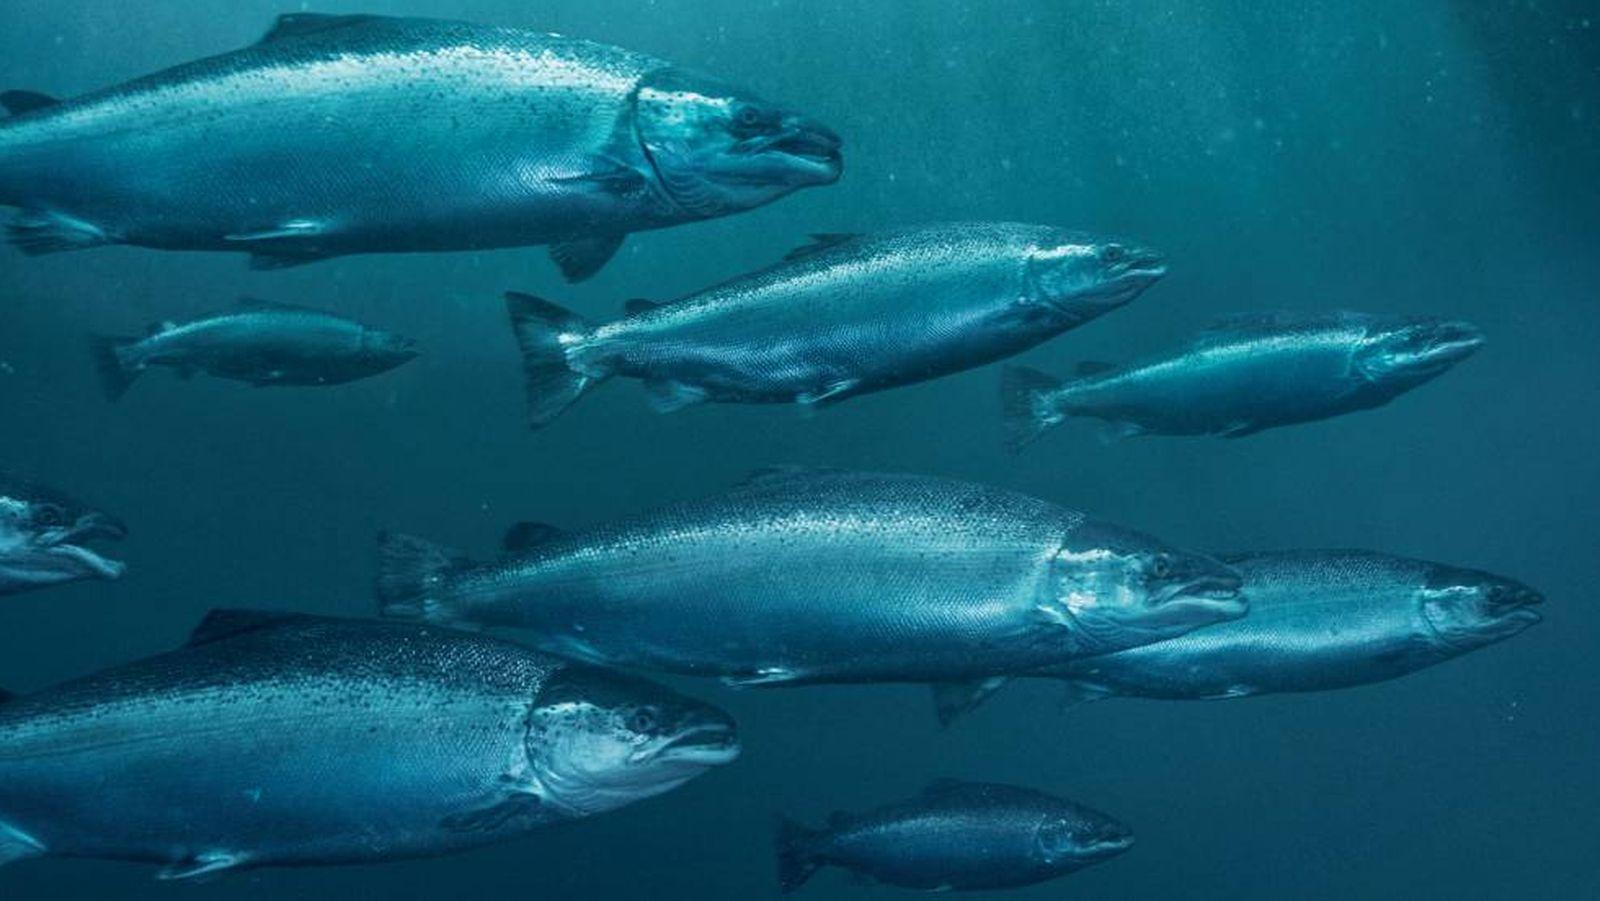 Foto: El mercurio en los peces es considerablemente mayor ahora que durante la época preindustrial.